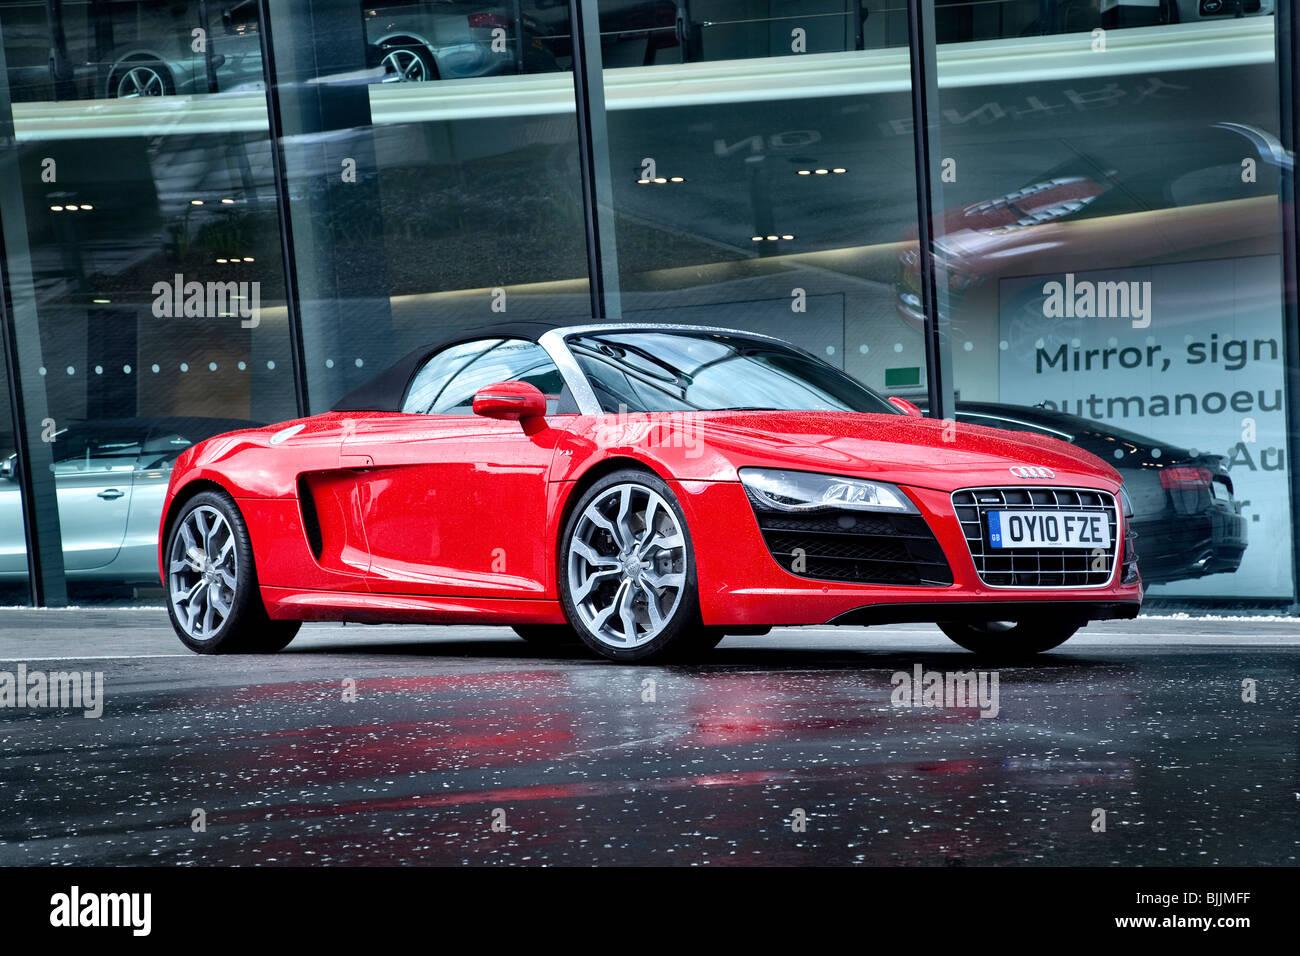 Audi R8 Convertible Stock Photos Amp Audi R8 Convertible Stock Images Alamy